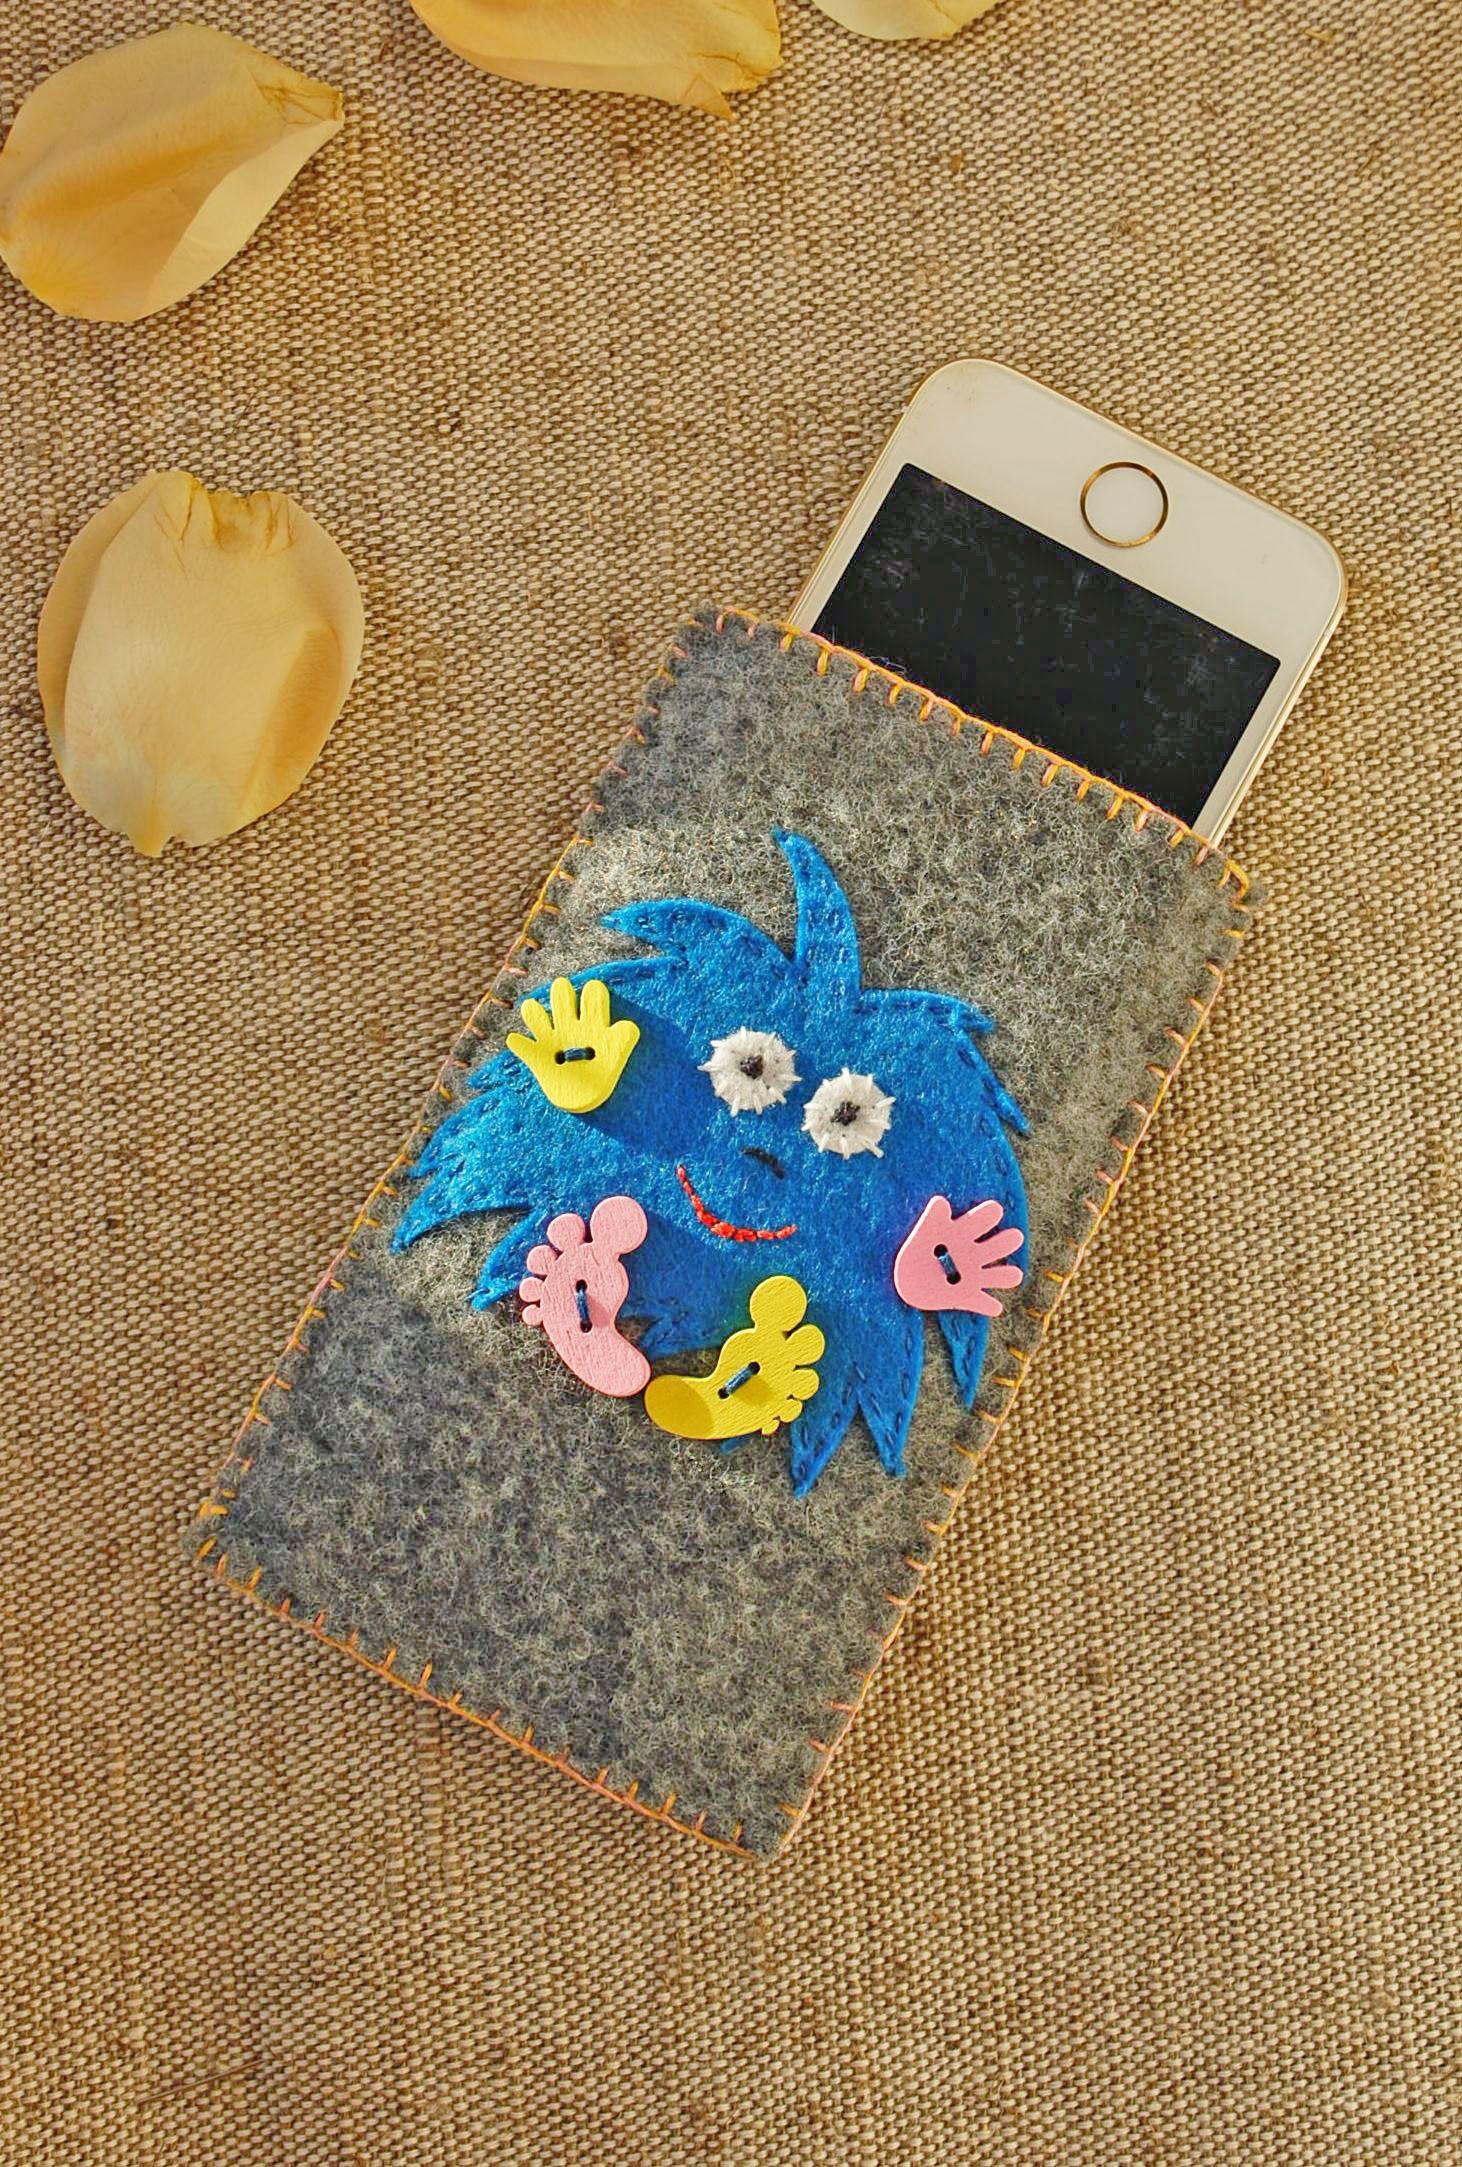 Monster Cell Phone Bag Felt Phone Cover